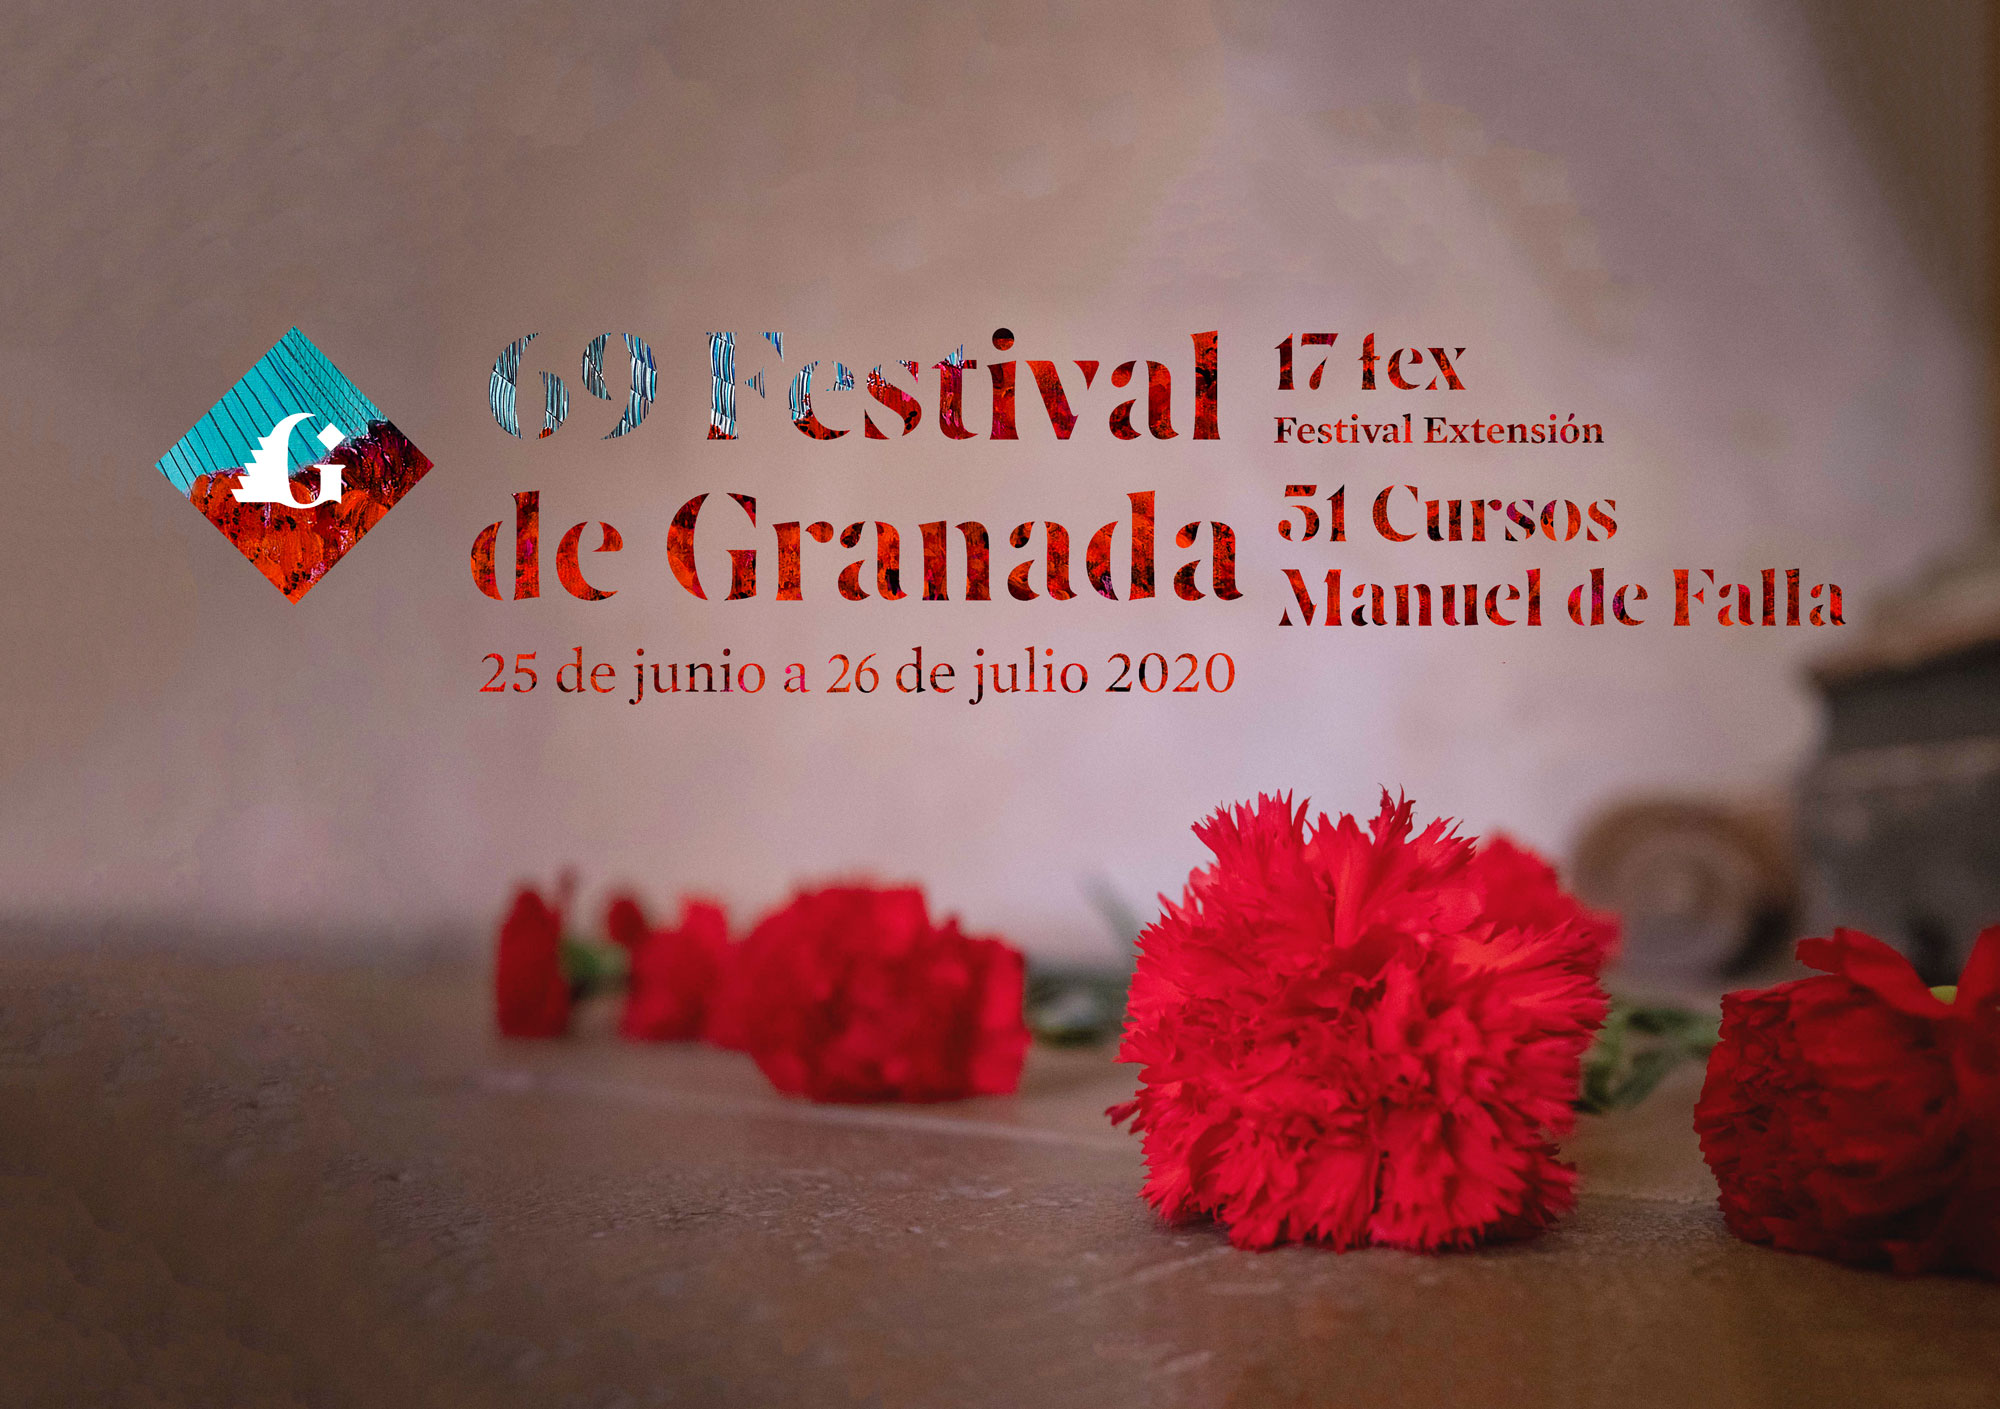 69-edicion-festival-granada